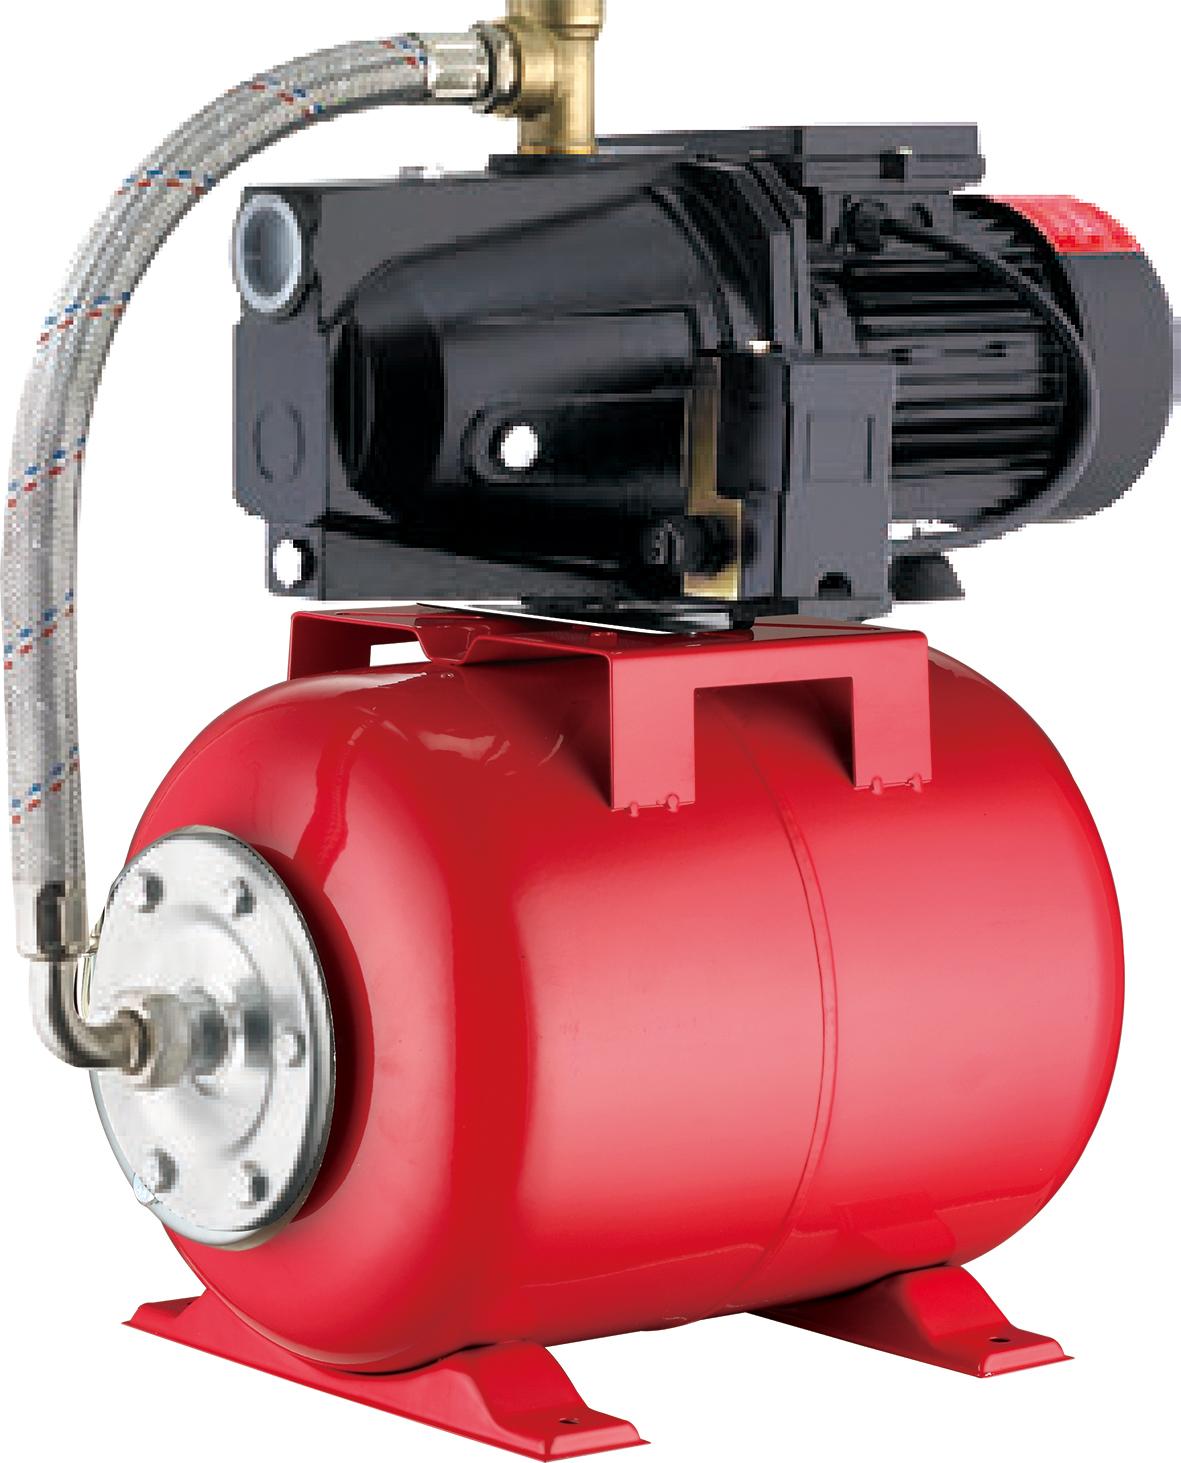 Máy bơm tăng áp tự động Pumpman bình 24 lít 0.5HP